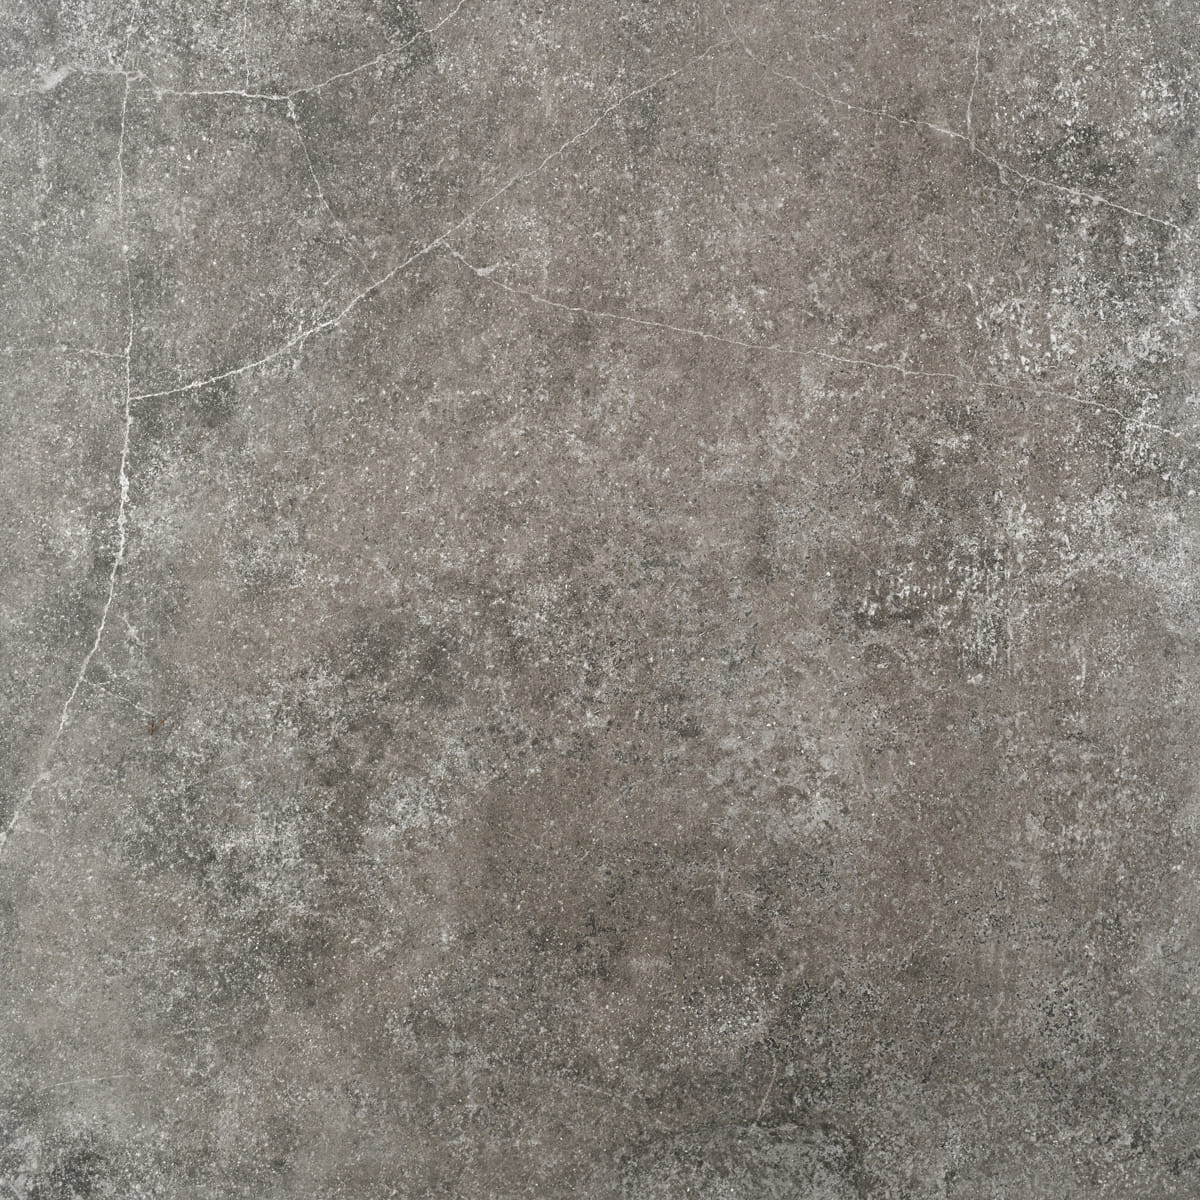 FOTO queens grey ant 75x75 1